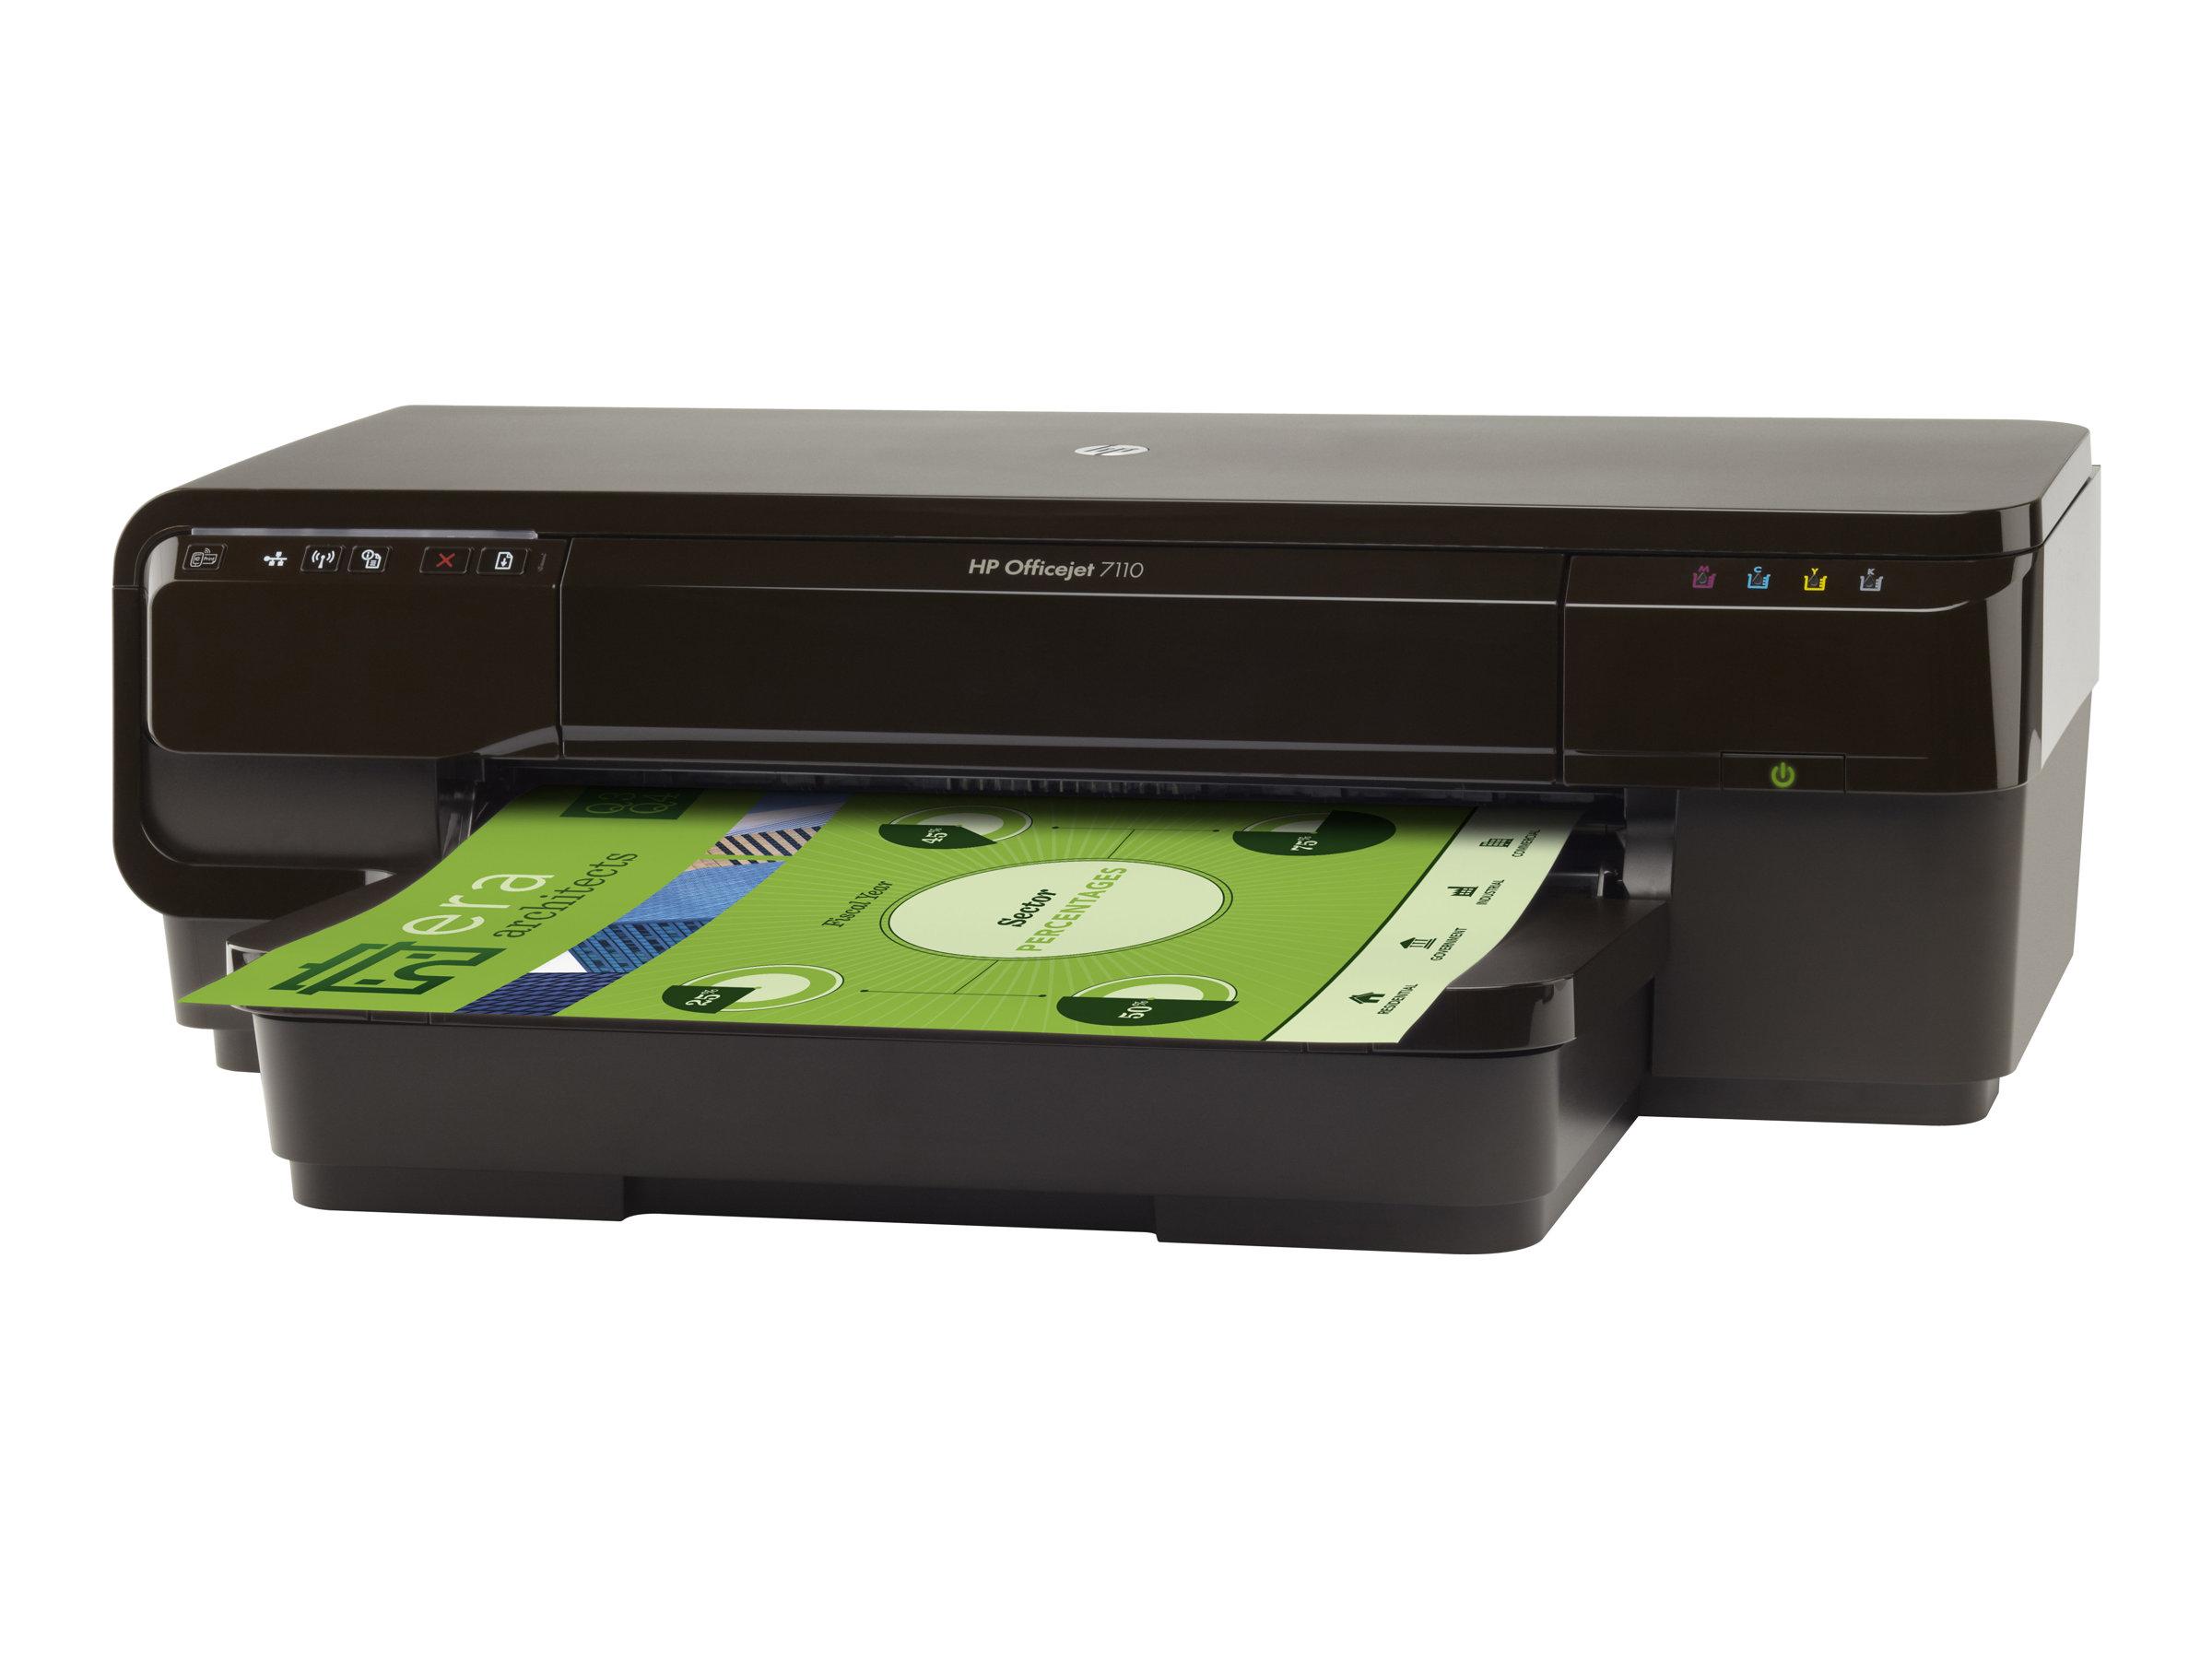 HP Officejet 7110 Wide Format ePrinter - Drucker - Farbe - Duplex - Tintenstrahl - A3 - 600 x 1200 dpi - bis zu 8 Seiten/Min. (einfarbig)/